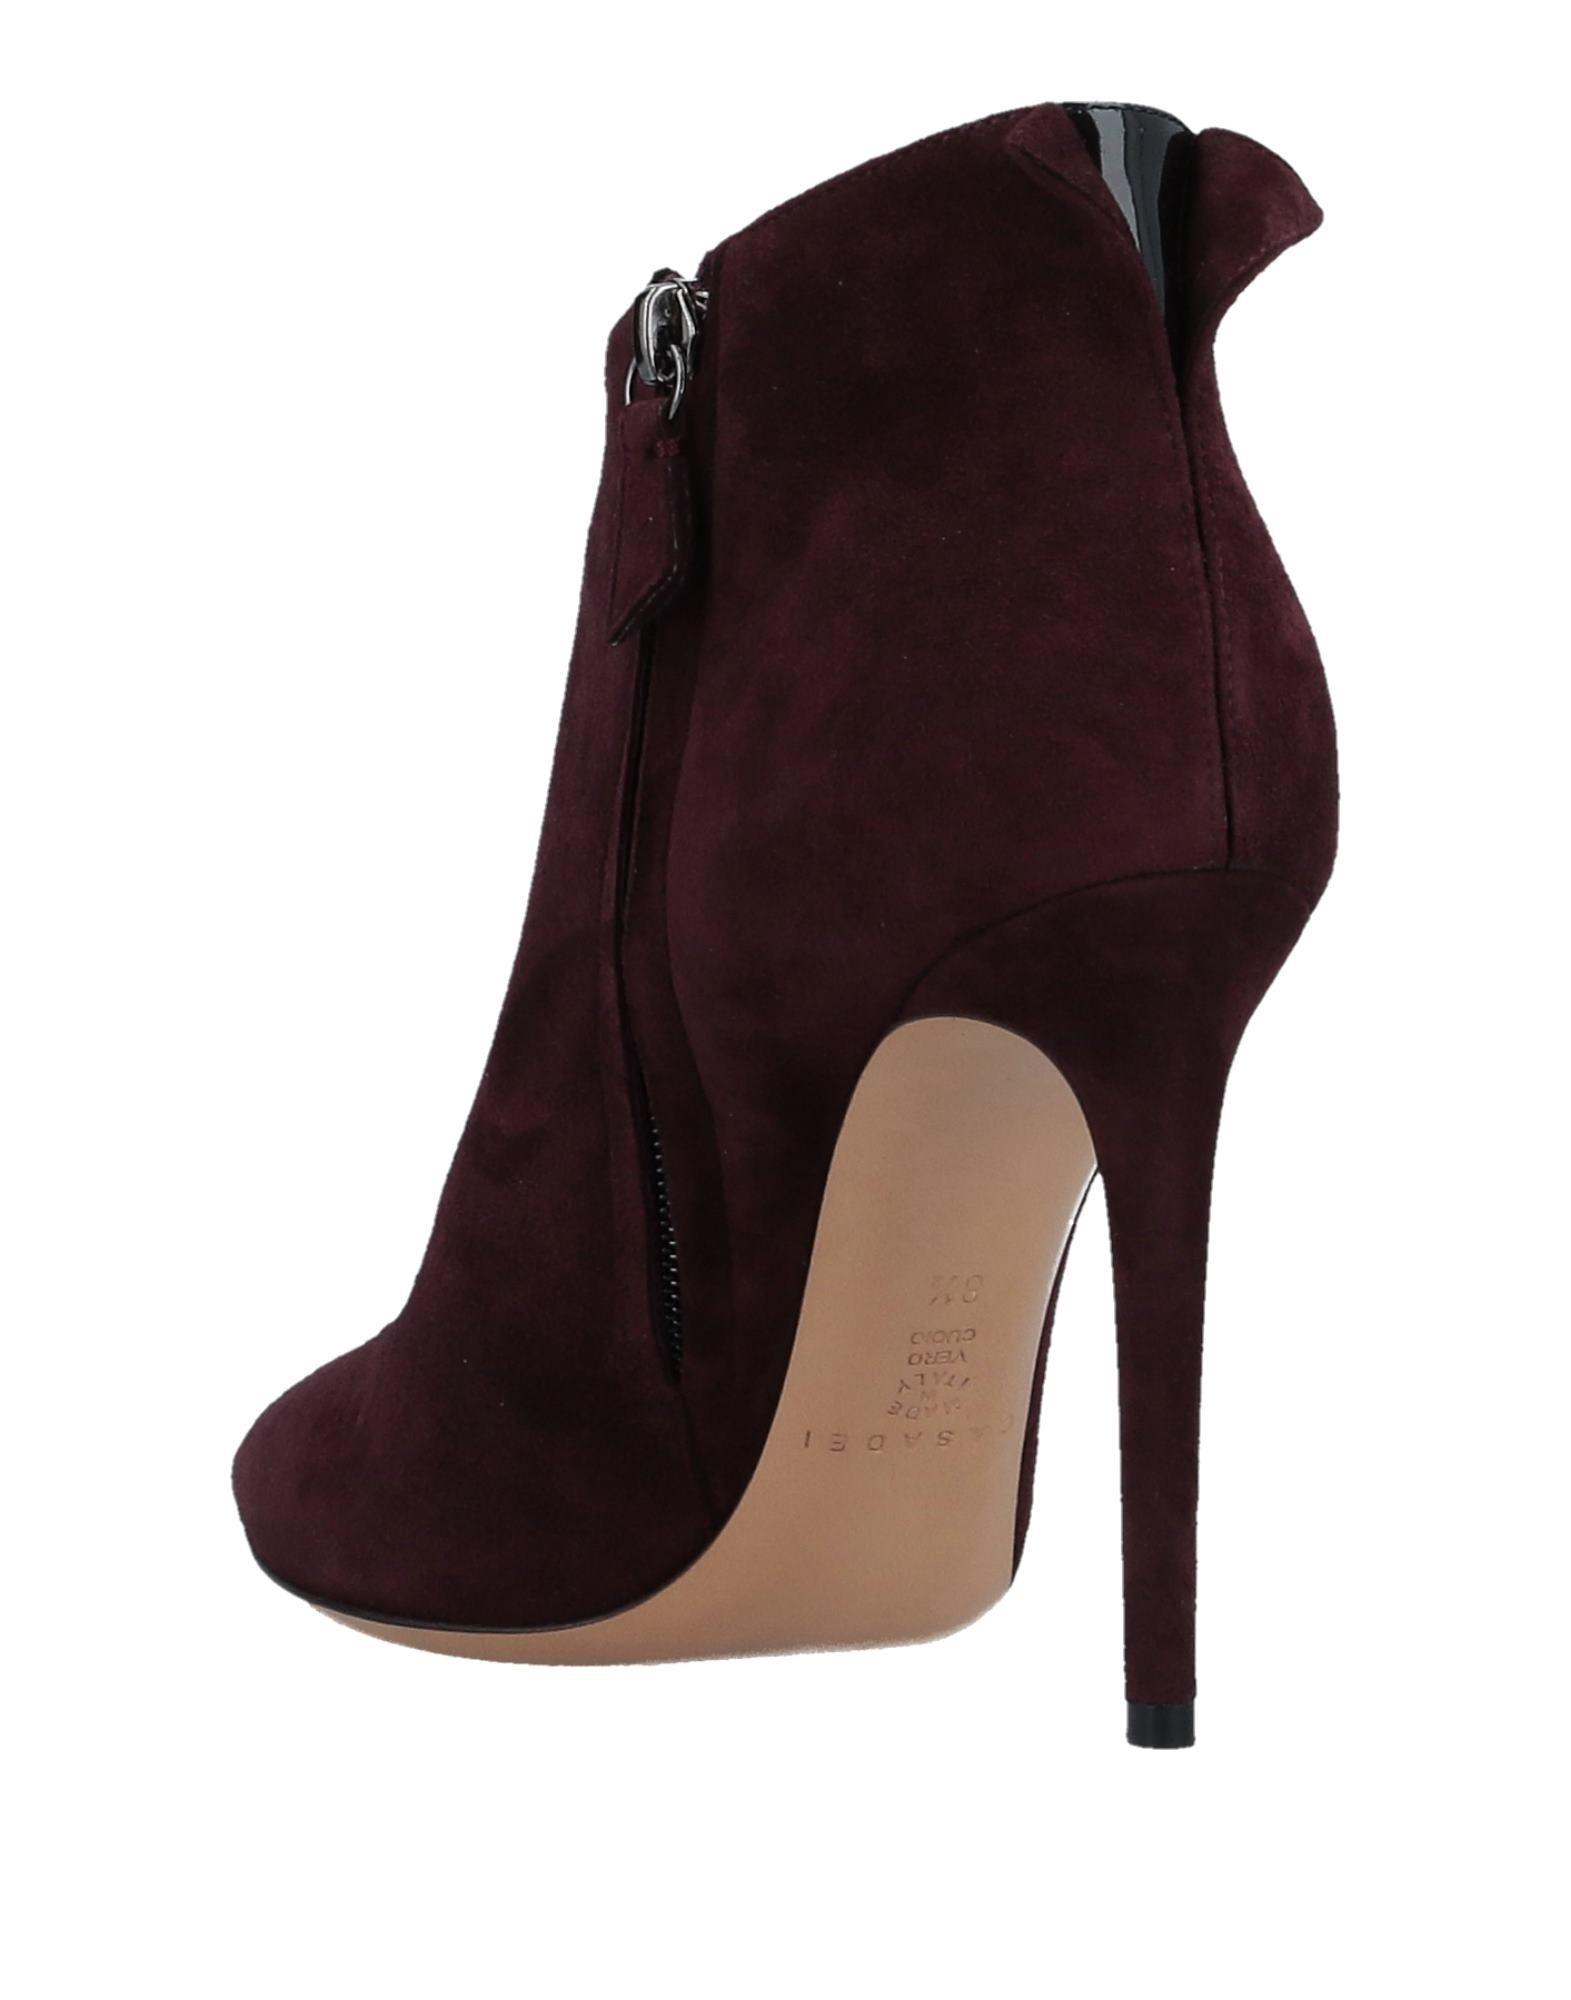 Casadei Stiefelette Damen Schuhe  11016002KNGünstige gut aussehende Schuhe Damen 955bbc